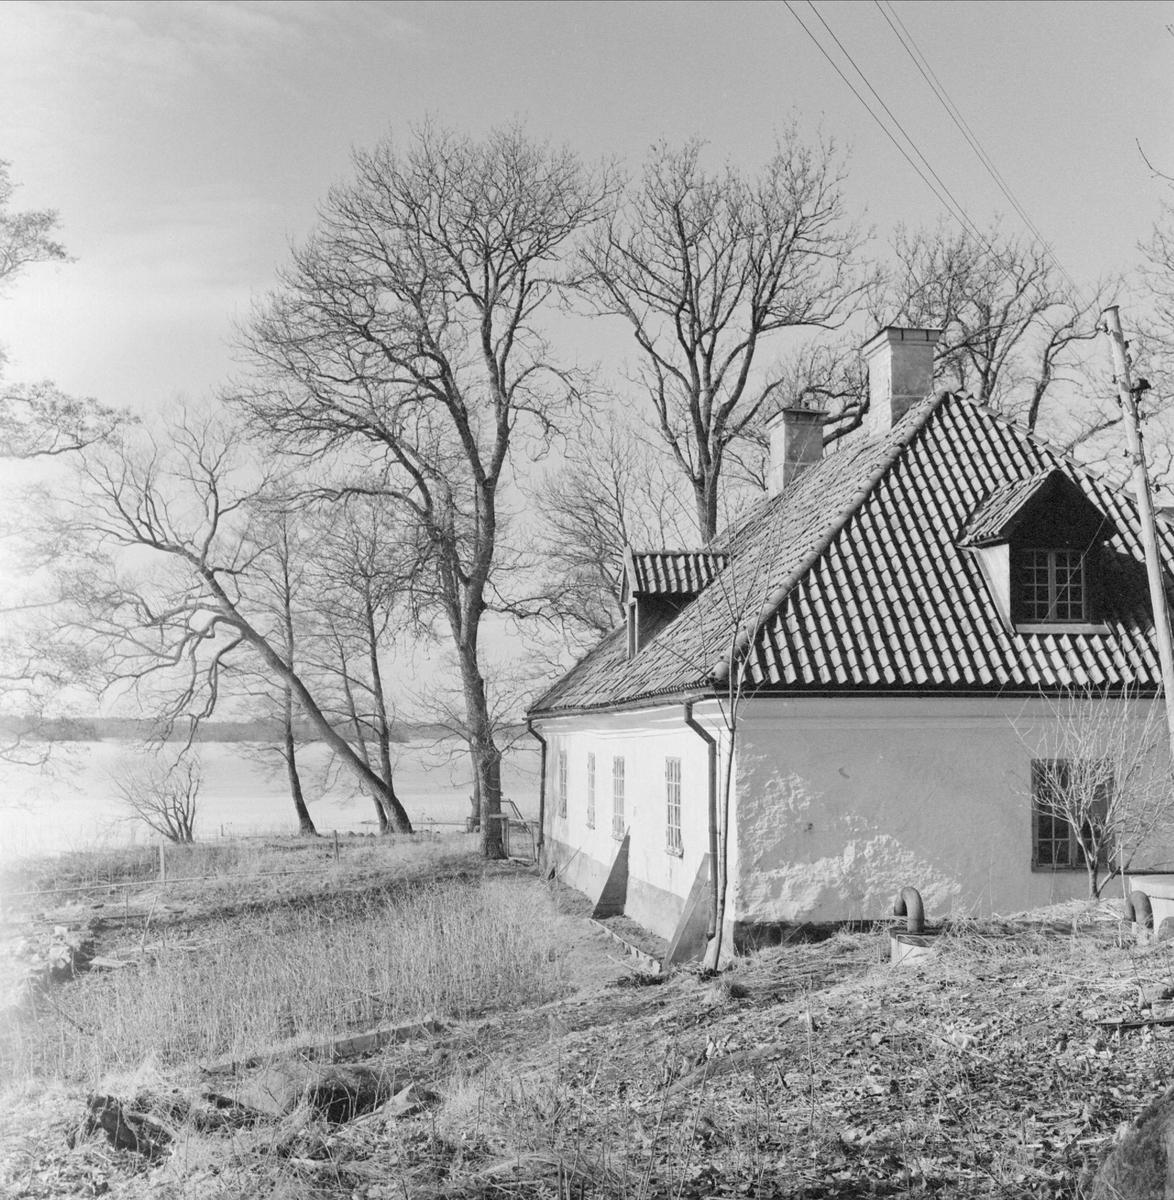 Bränneriet vid Lårstavikens strand, Wiks slott, Balingsta socken, Uppland 1965